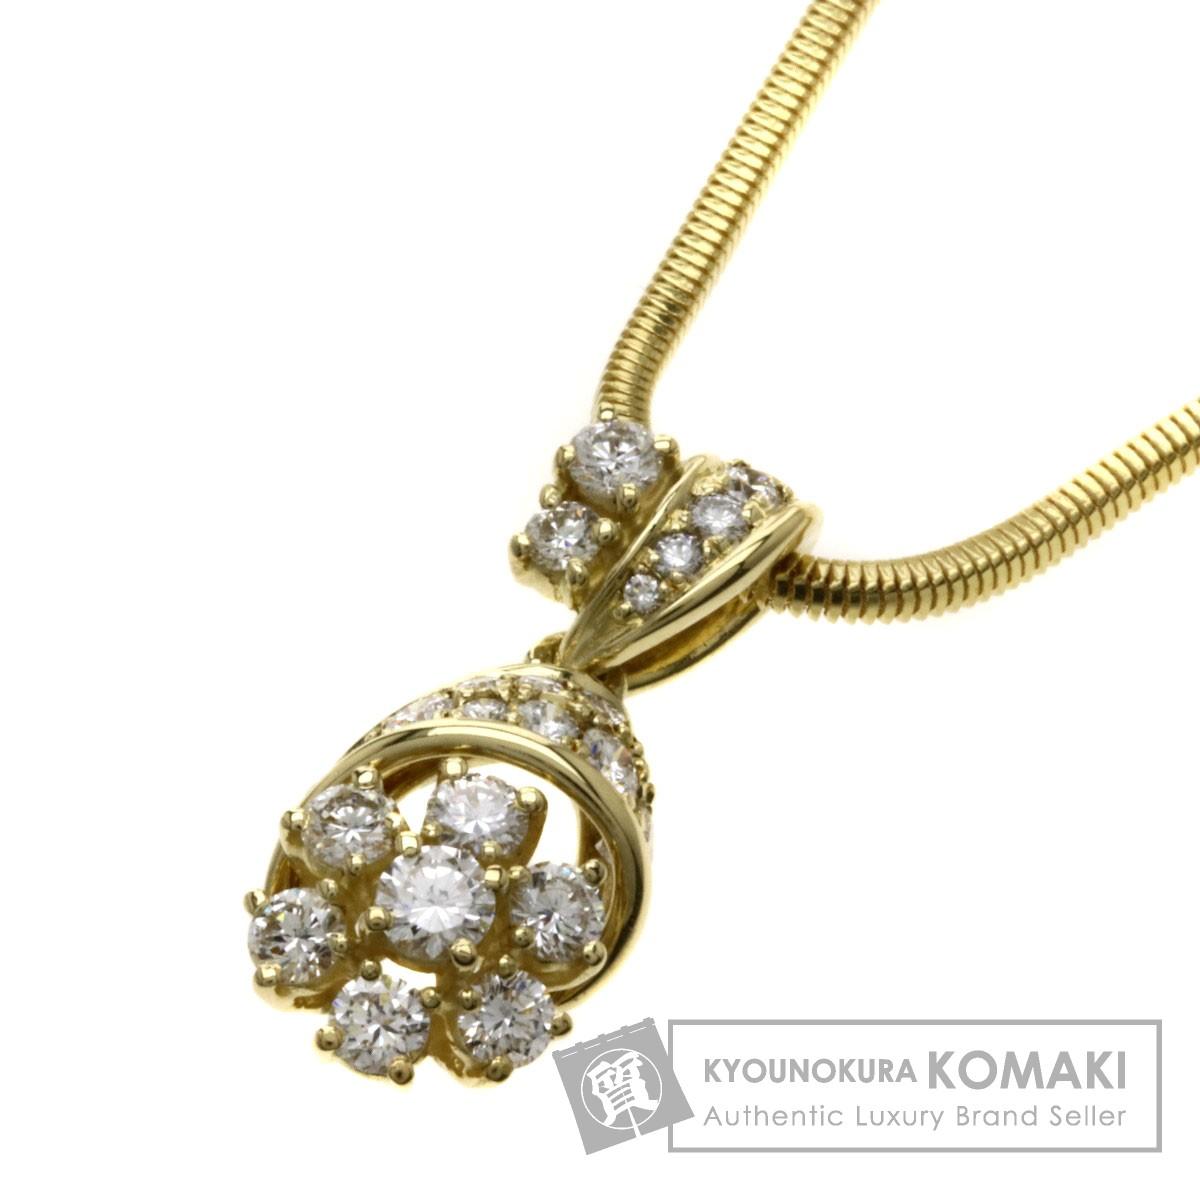 1.08ct ダイヤモンド/QUEEN/UNOAERRE ネックレス K18YG 13g レディース 【中古】